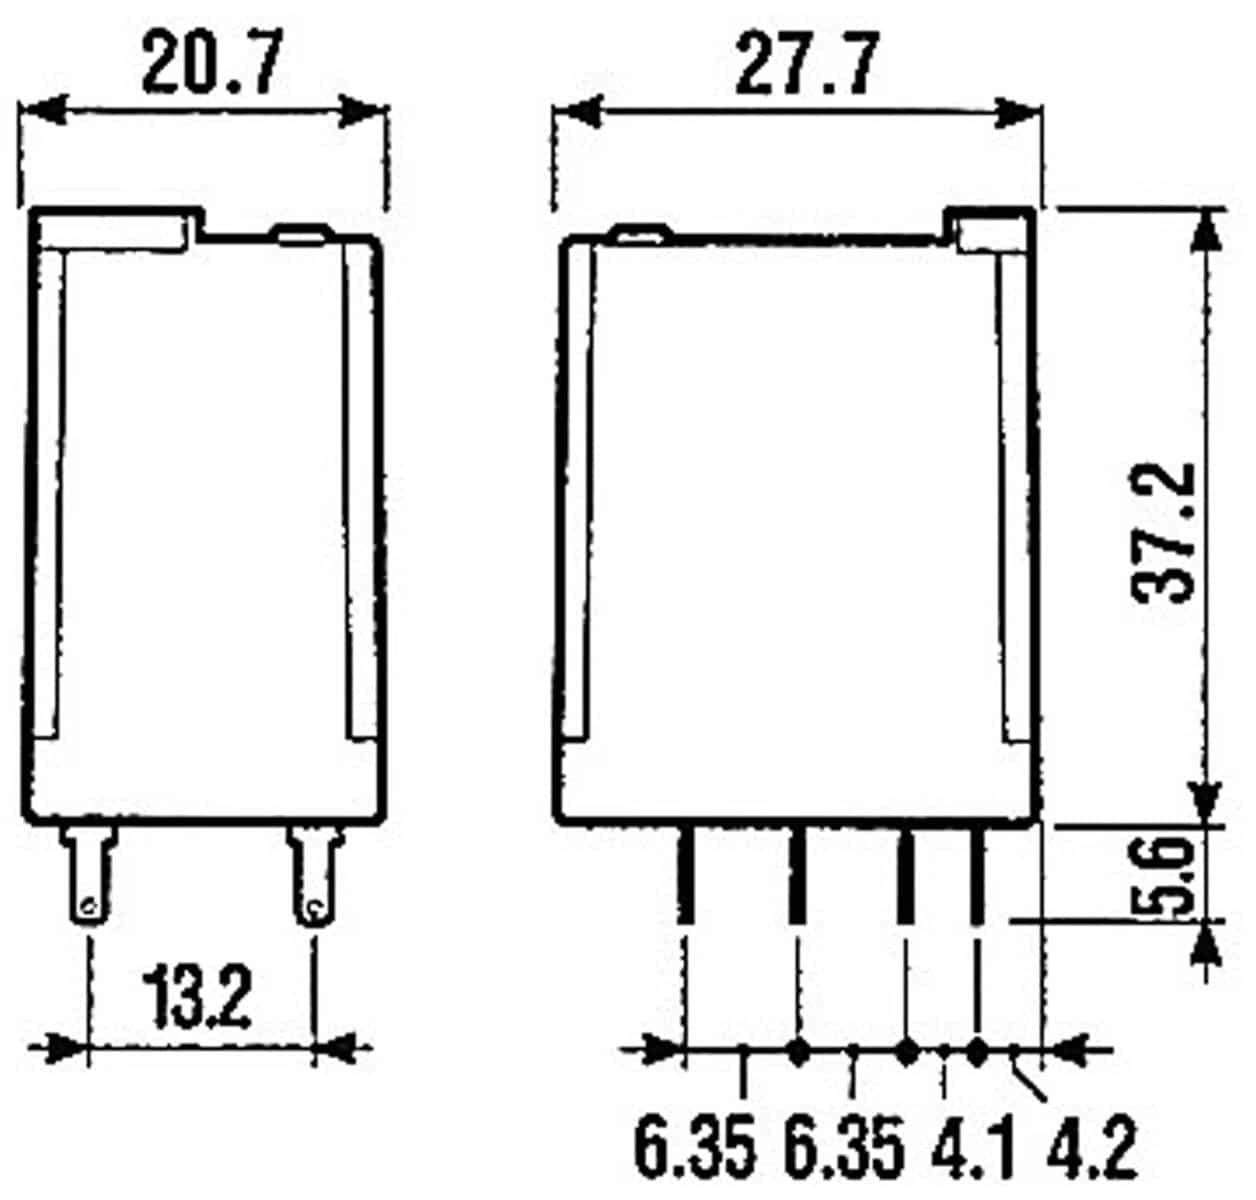 Süd Klebstoff 10mm dia x 1mm N42 Black Epoxy Magnet-0,58kg Pull Pack von 10